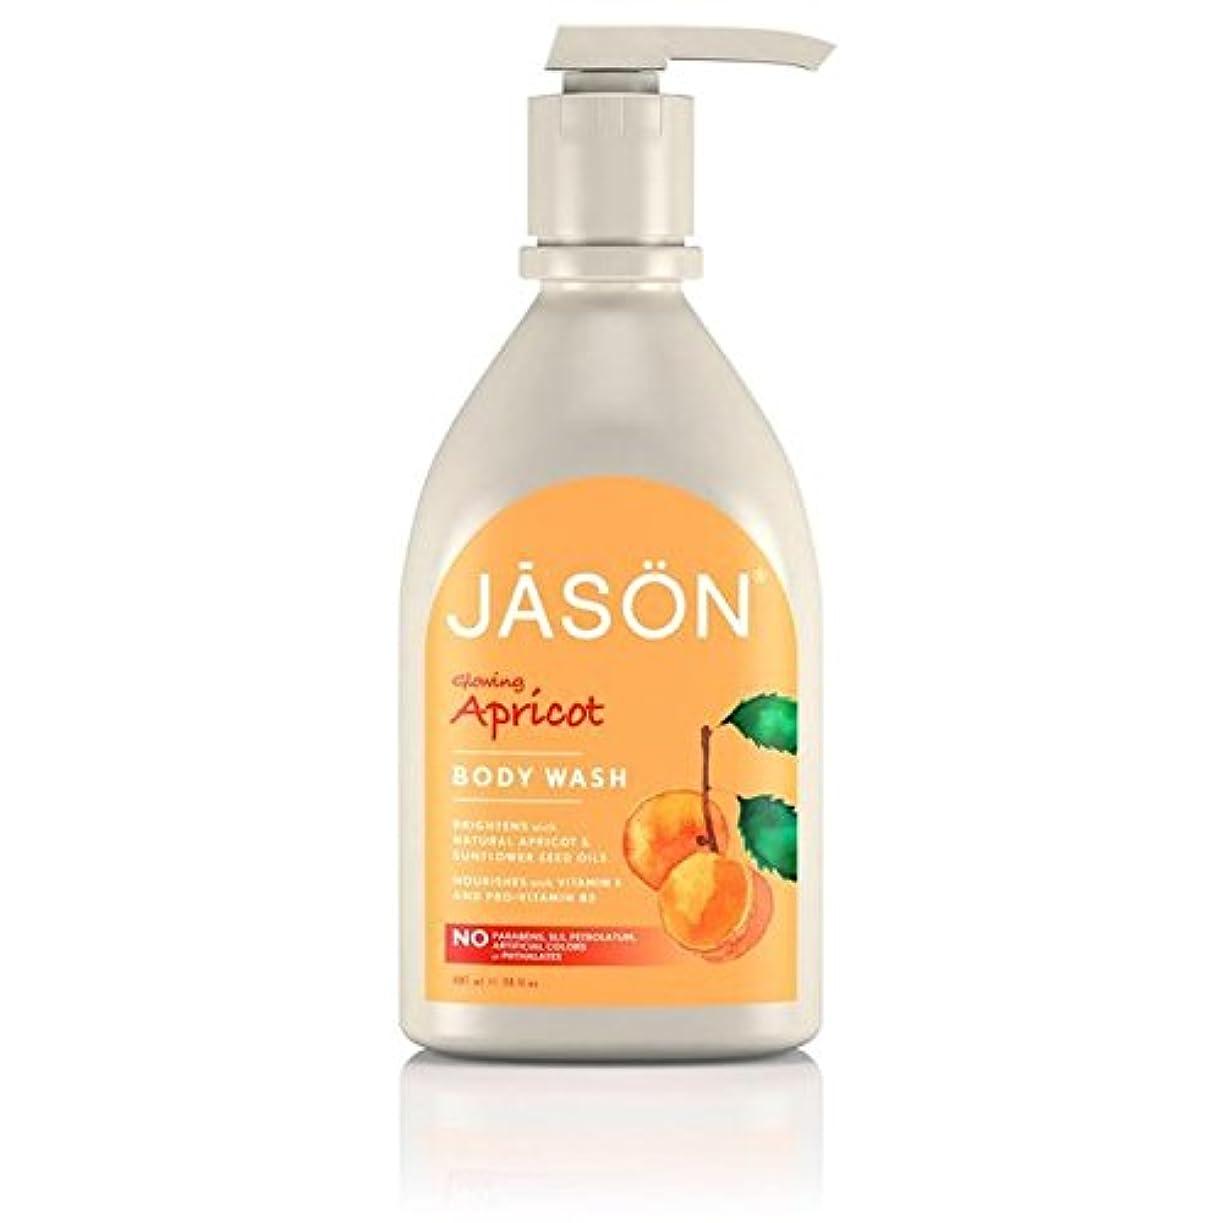 熟考する主要な店主ジェイソン?アプリコットサテンボディウォッシュポンプ900ミリリットル x2 - Jason Apricot Satin Body Wash Pump 900ml (Pack of 2) [並行輸入品]